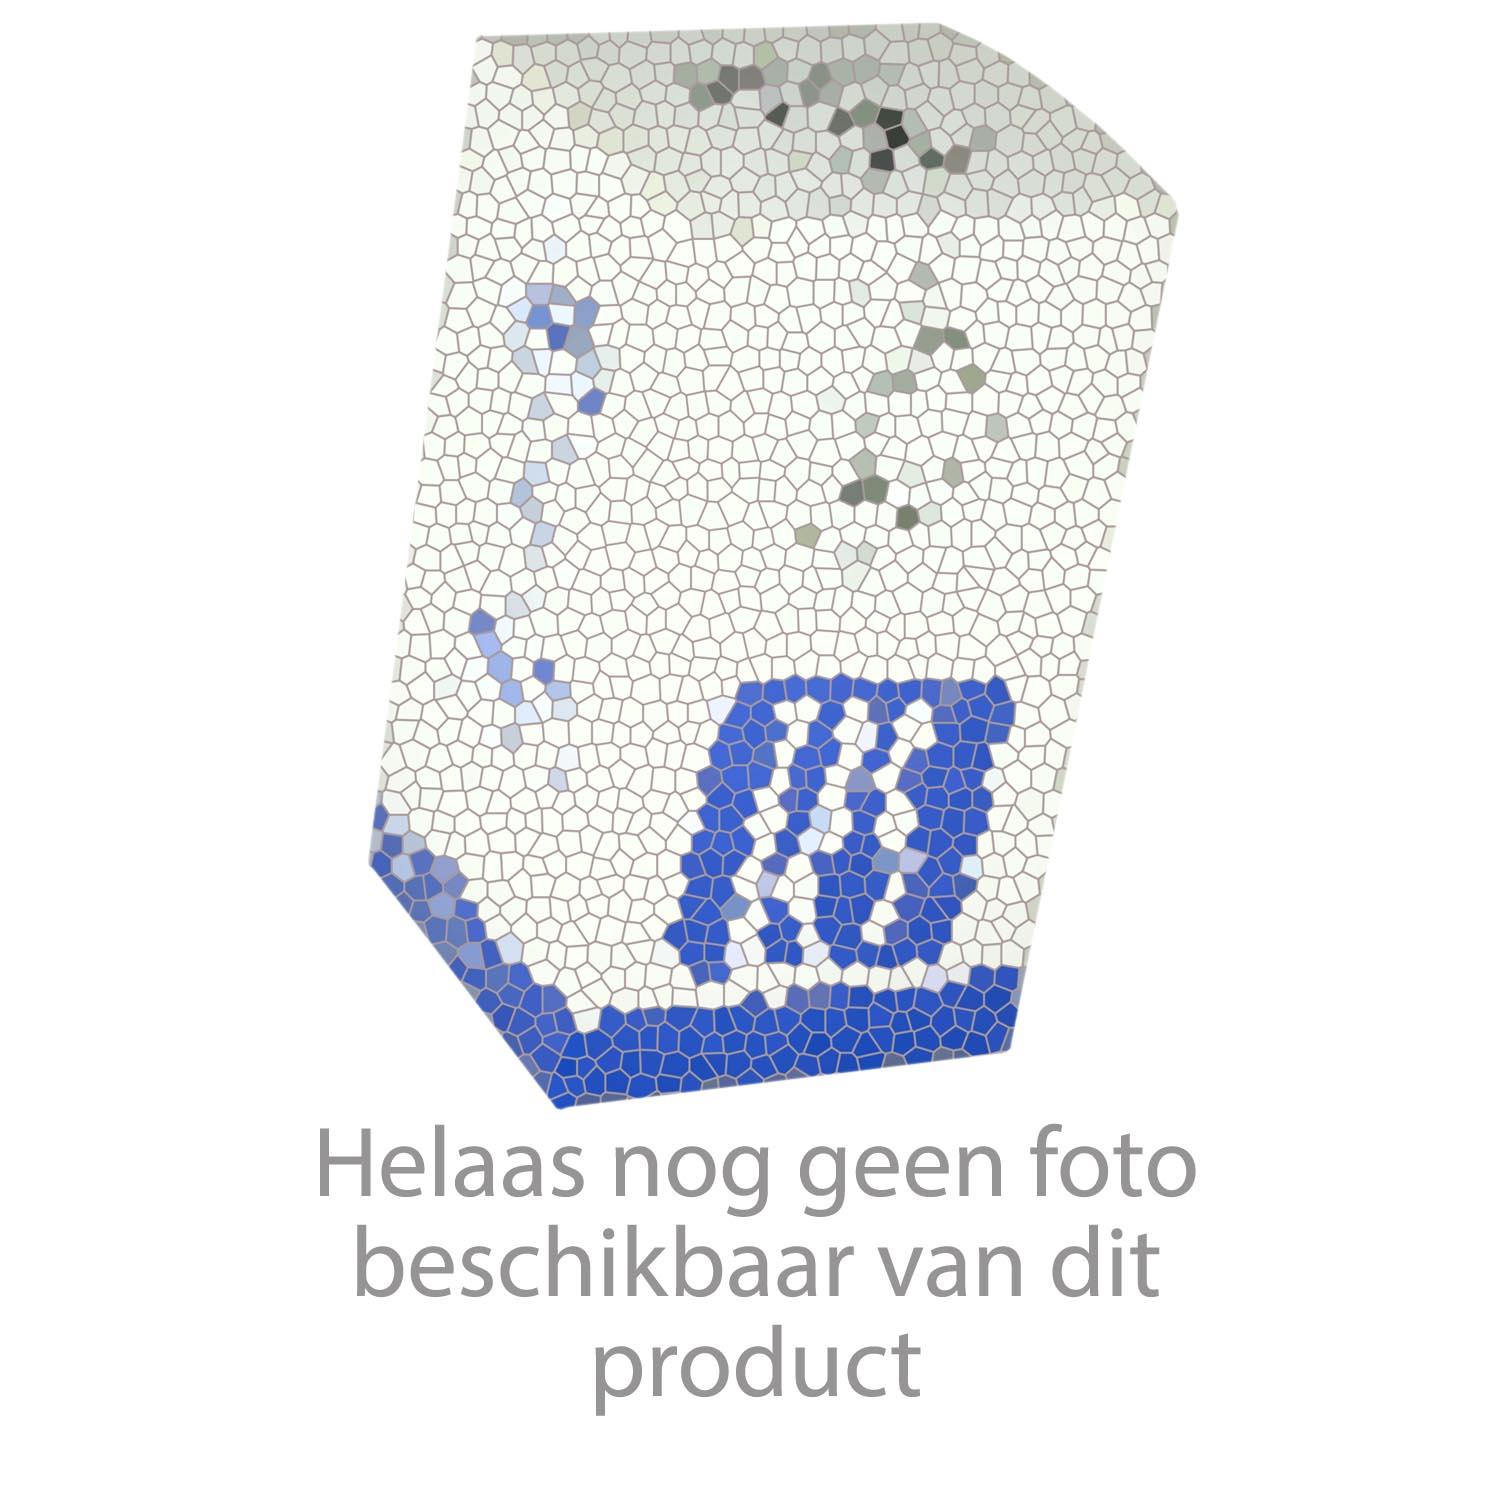 HansGrohe Keukenmengkranen Allegra Elegance productiejaar > 06/01 33812000 onderdelen